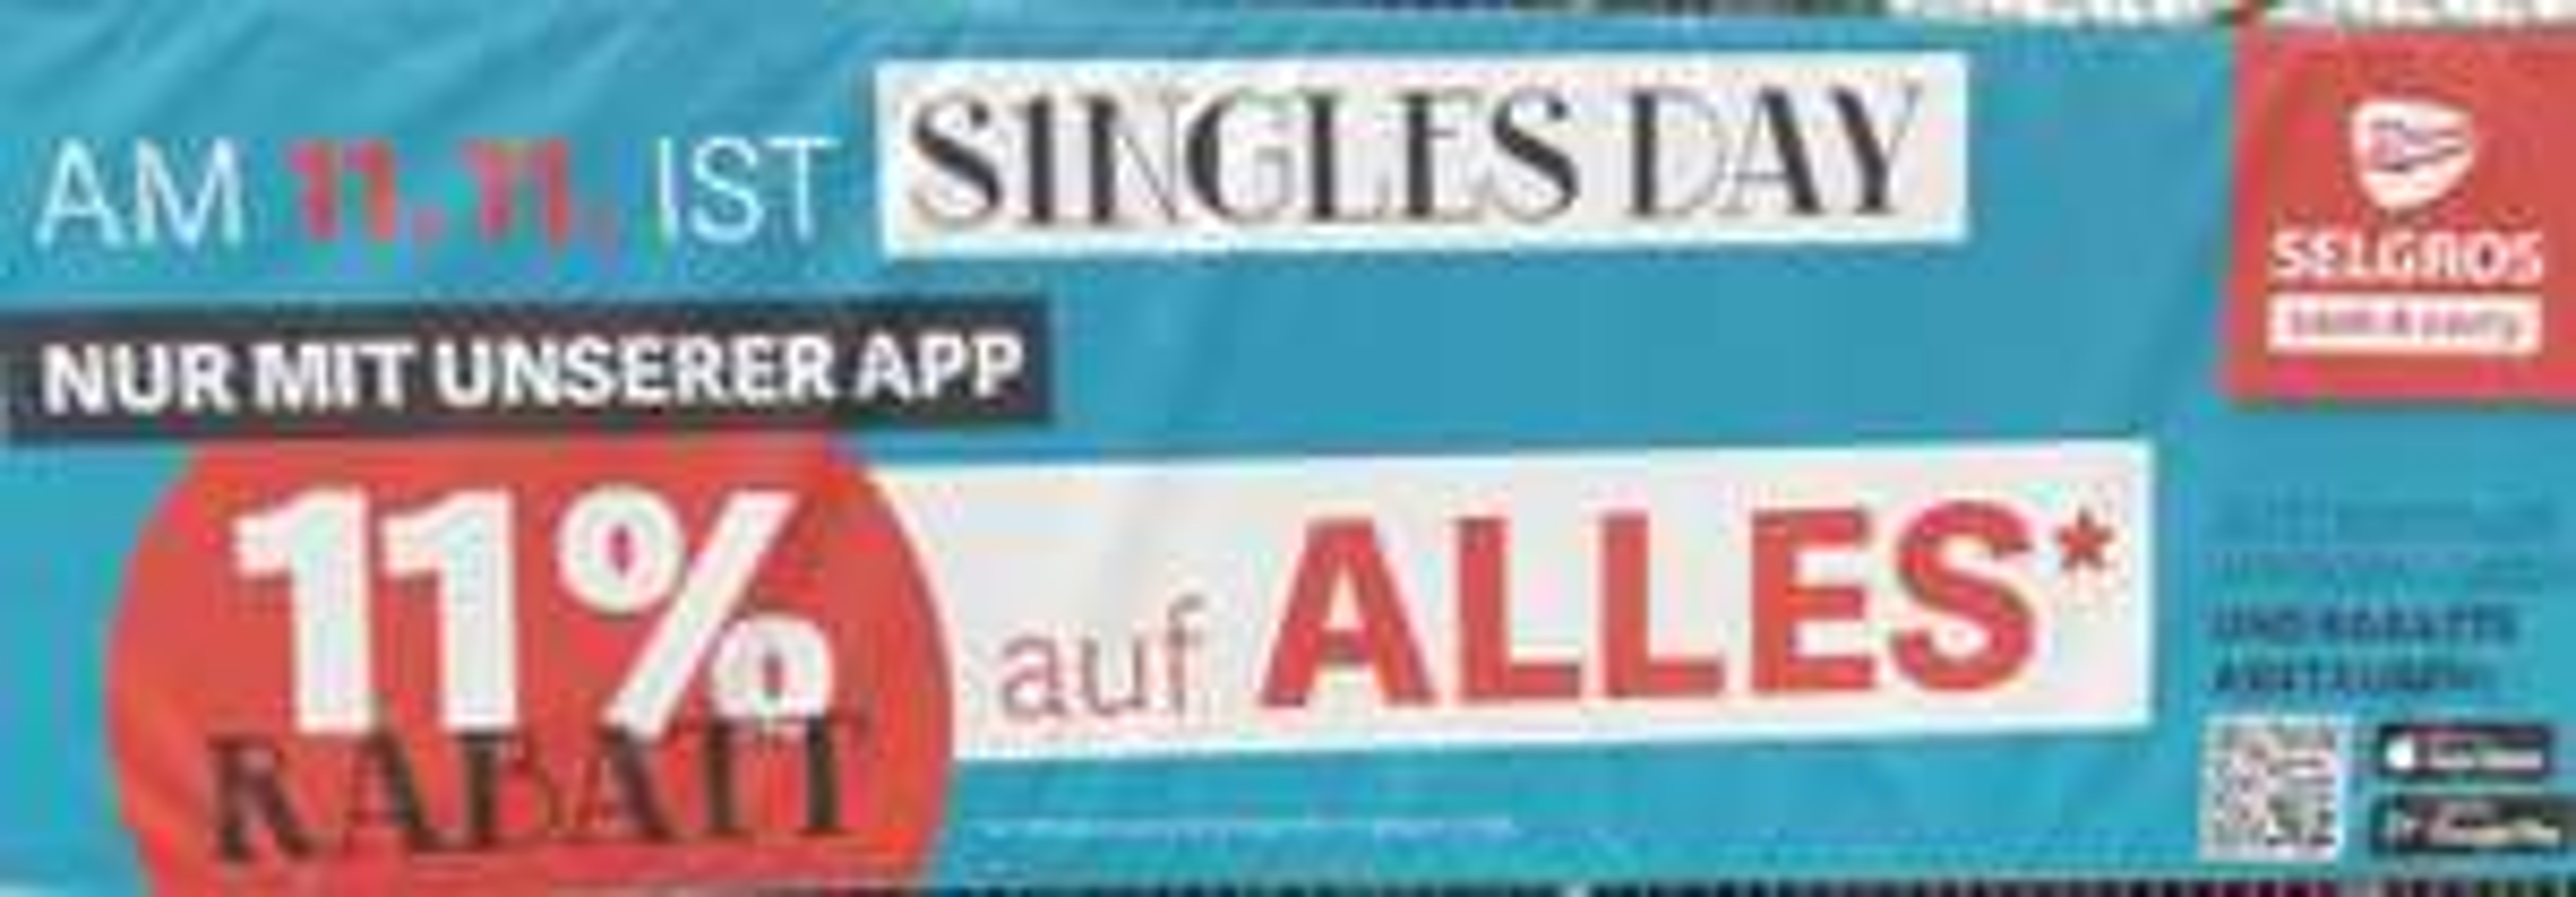 Selgros 11% Rabatt auf alles nur mit der App